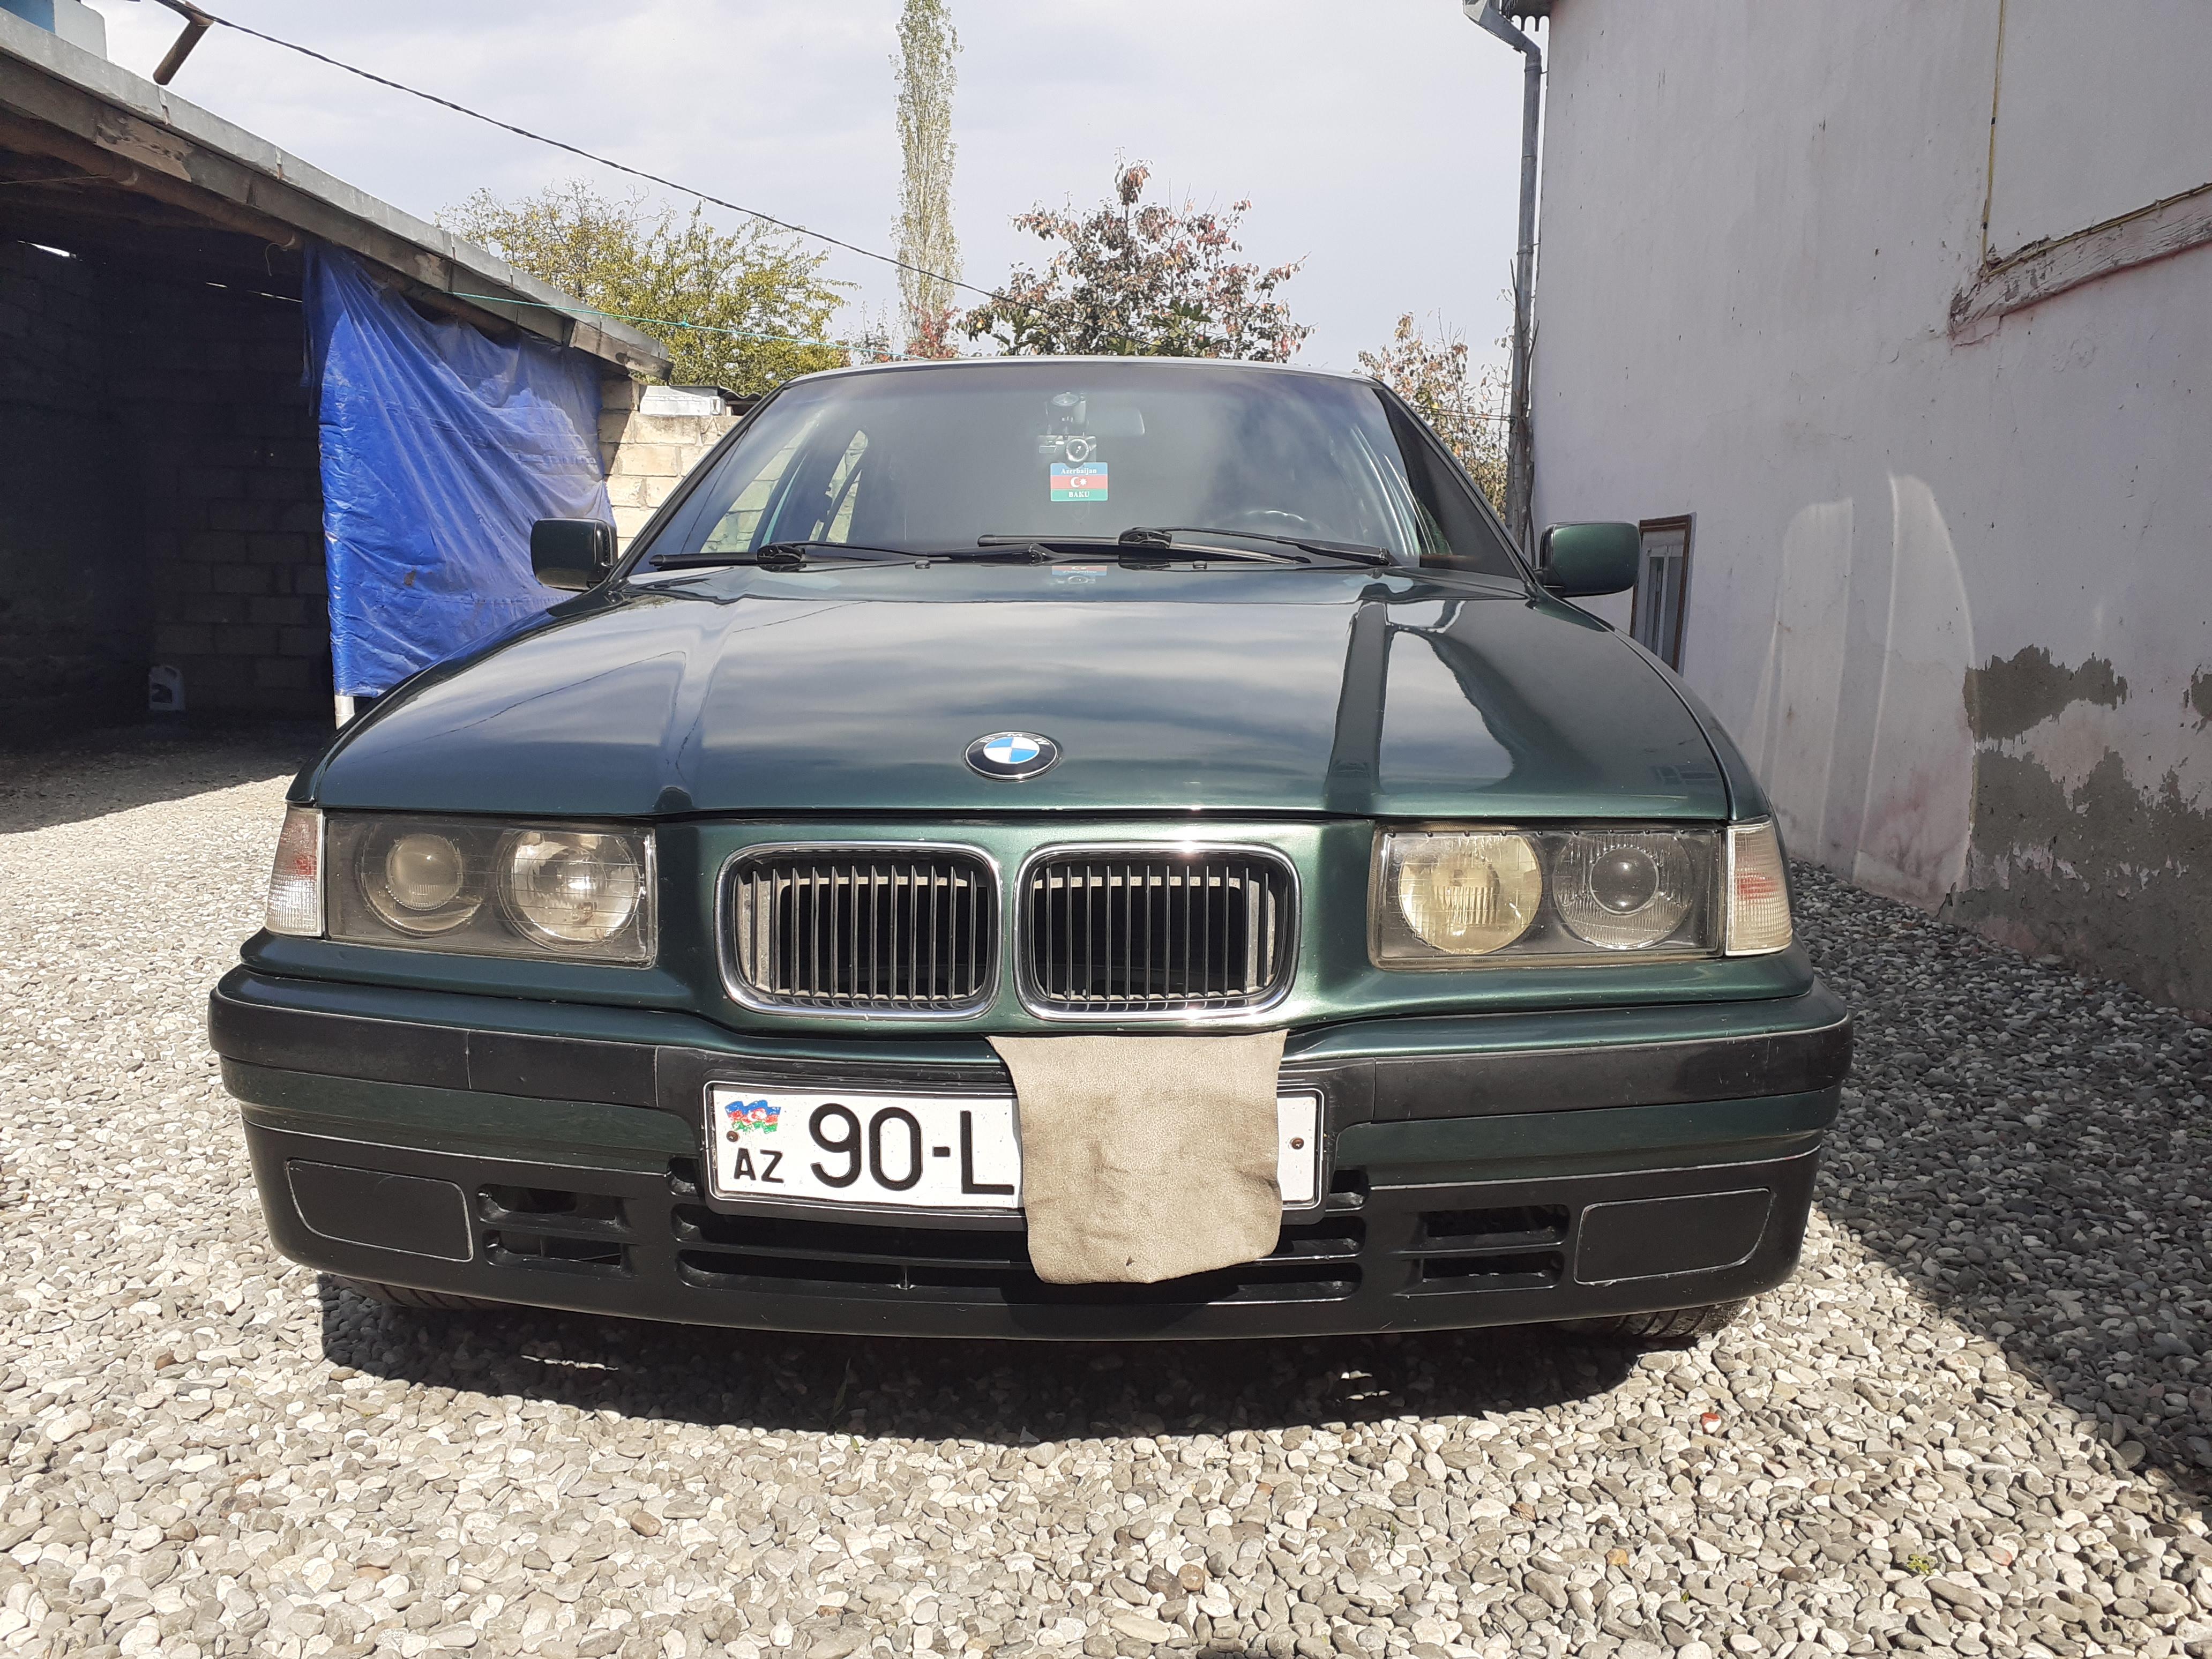 BMW 316 1.6(lt) 1997 Подержанный  $4412